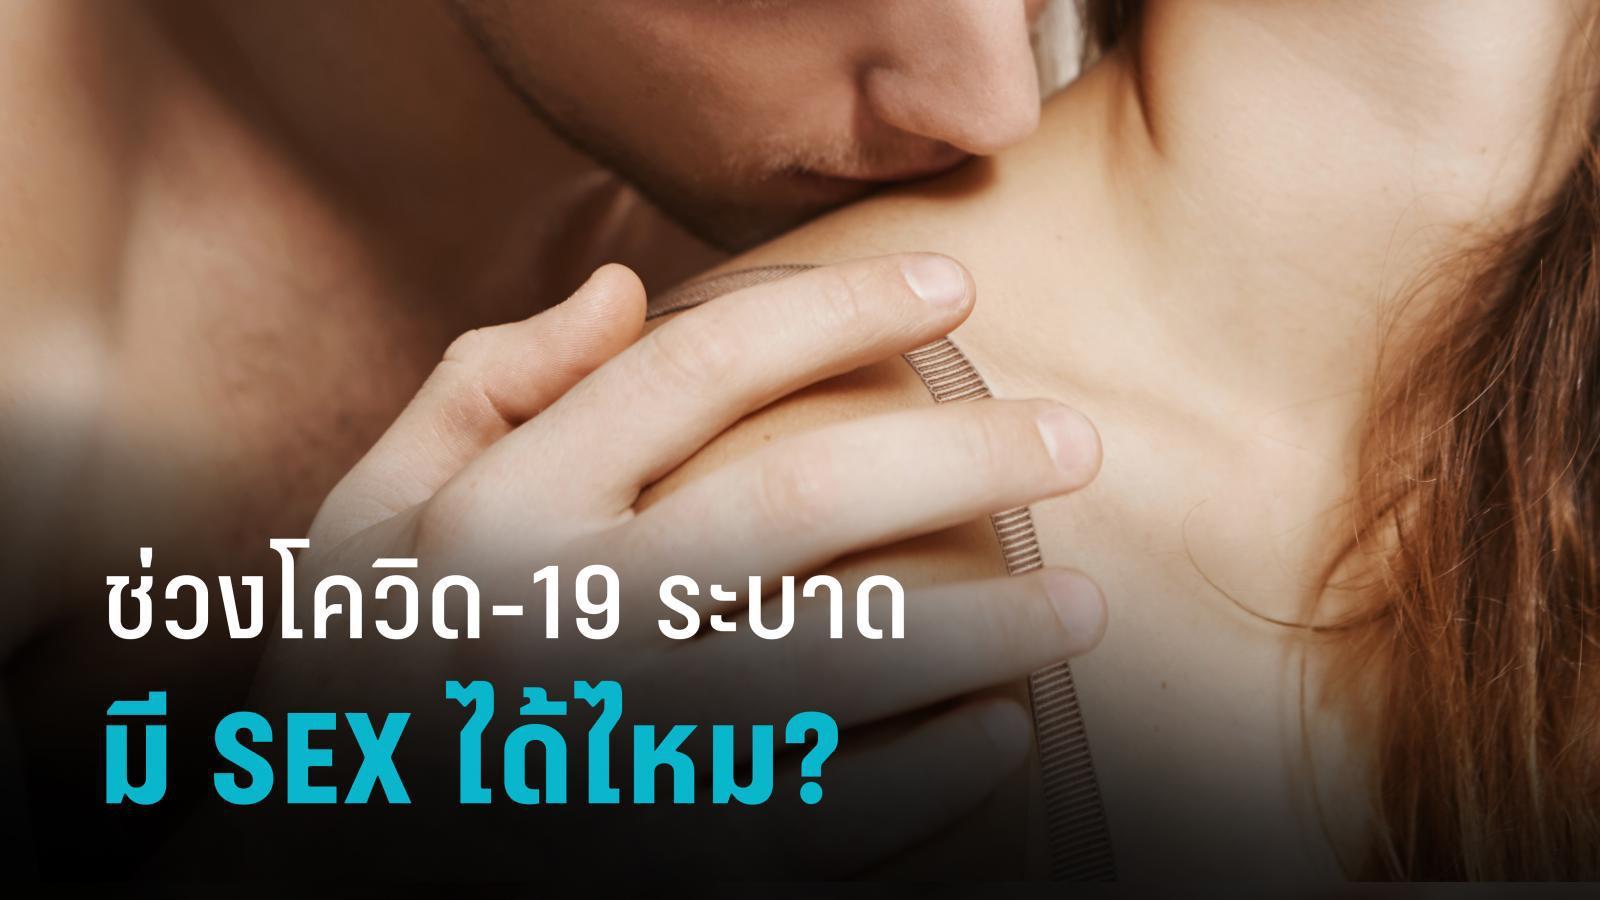 ช่วงโควิด-19 ระบาด มีเพศสัมพันธ์ได้หรือไม่